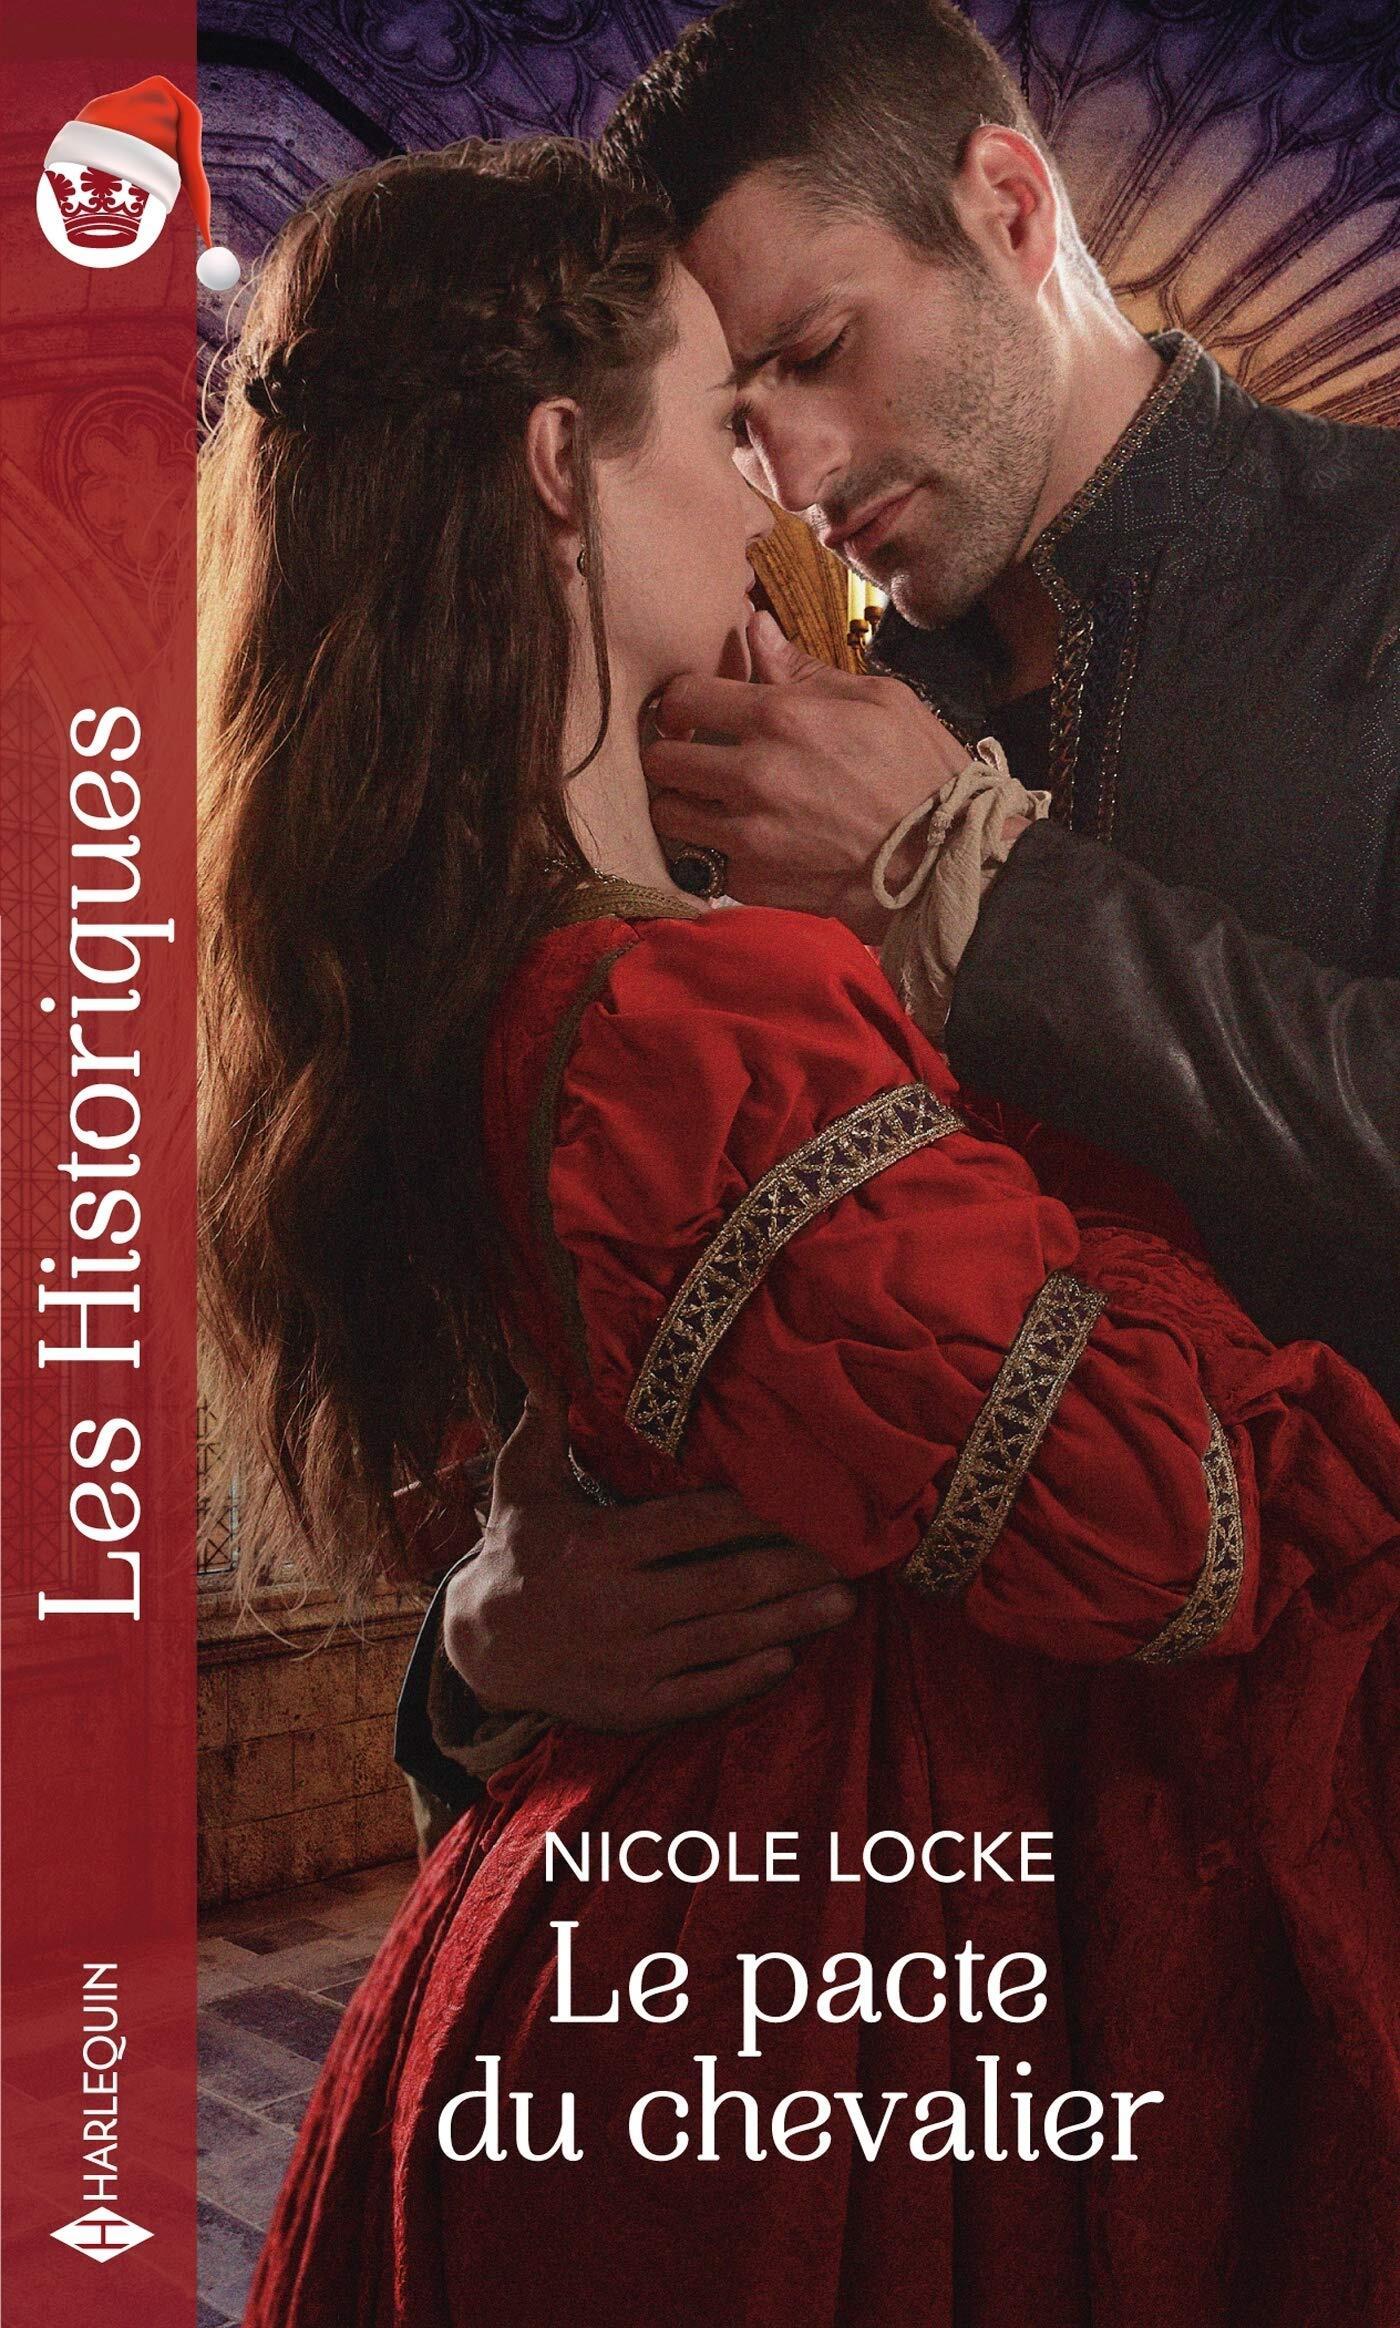 cdn1.booknode.com/book_cover/1486/full/le-pacte-du-chevalier-1486253.jpg